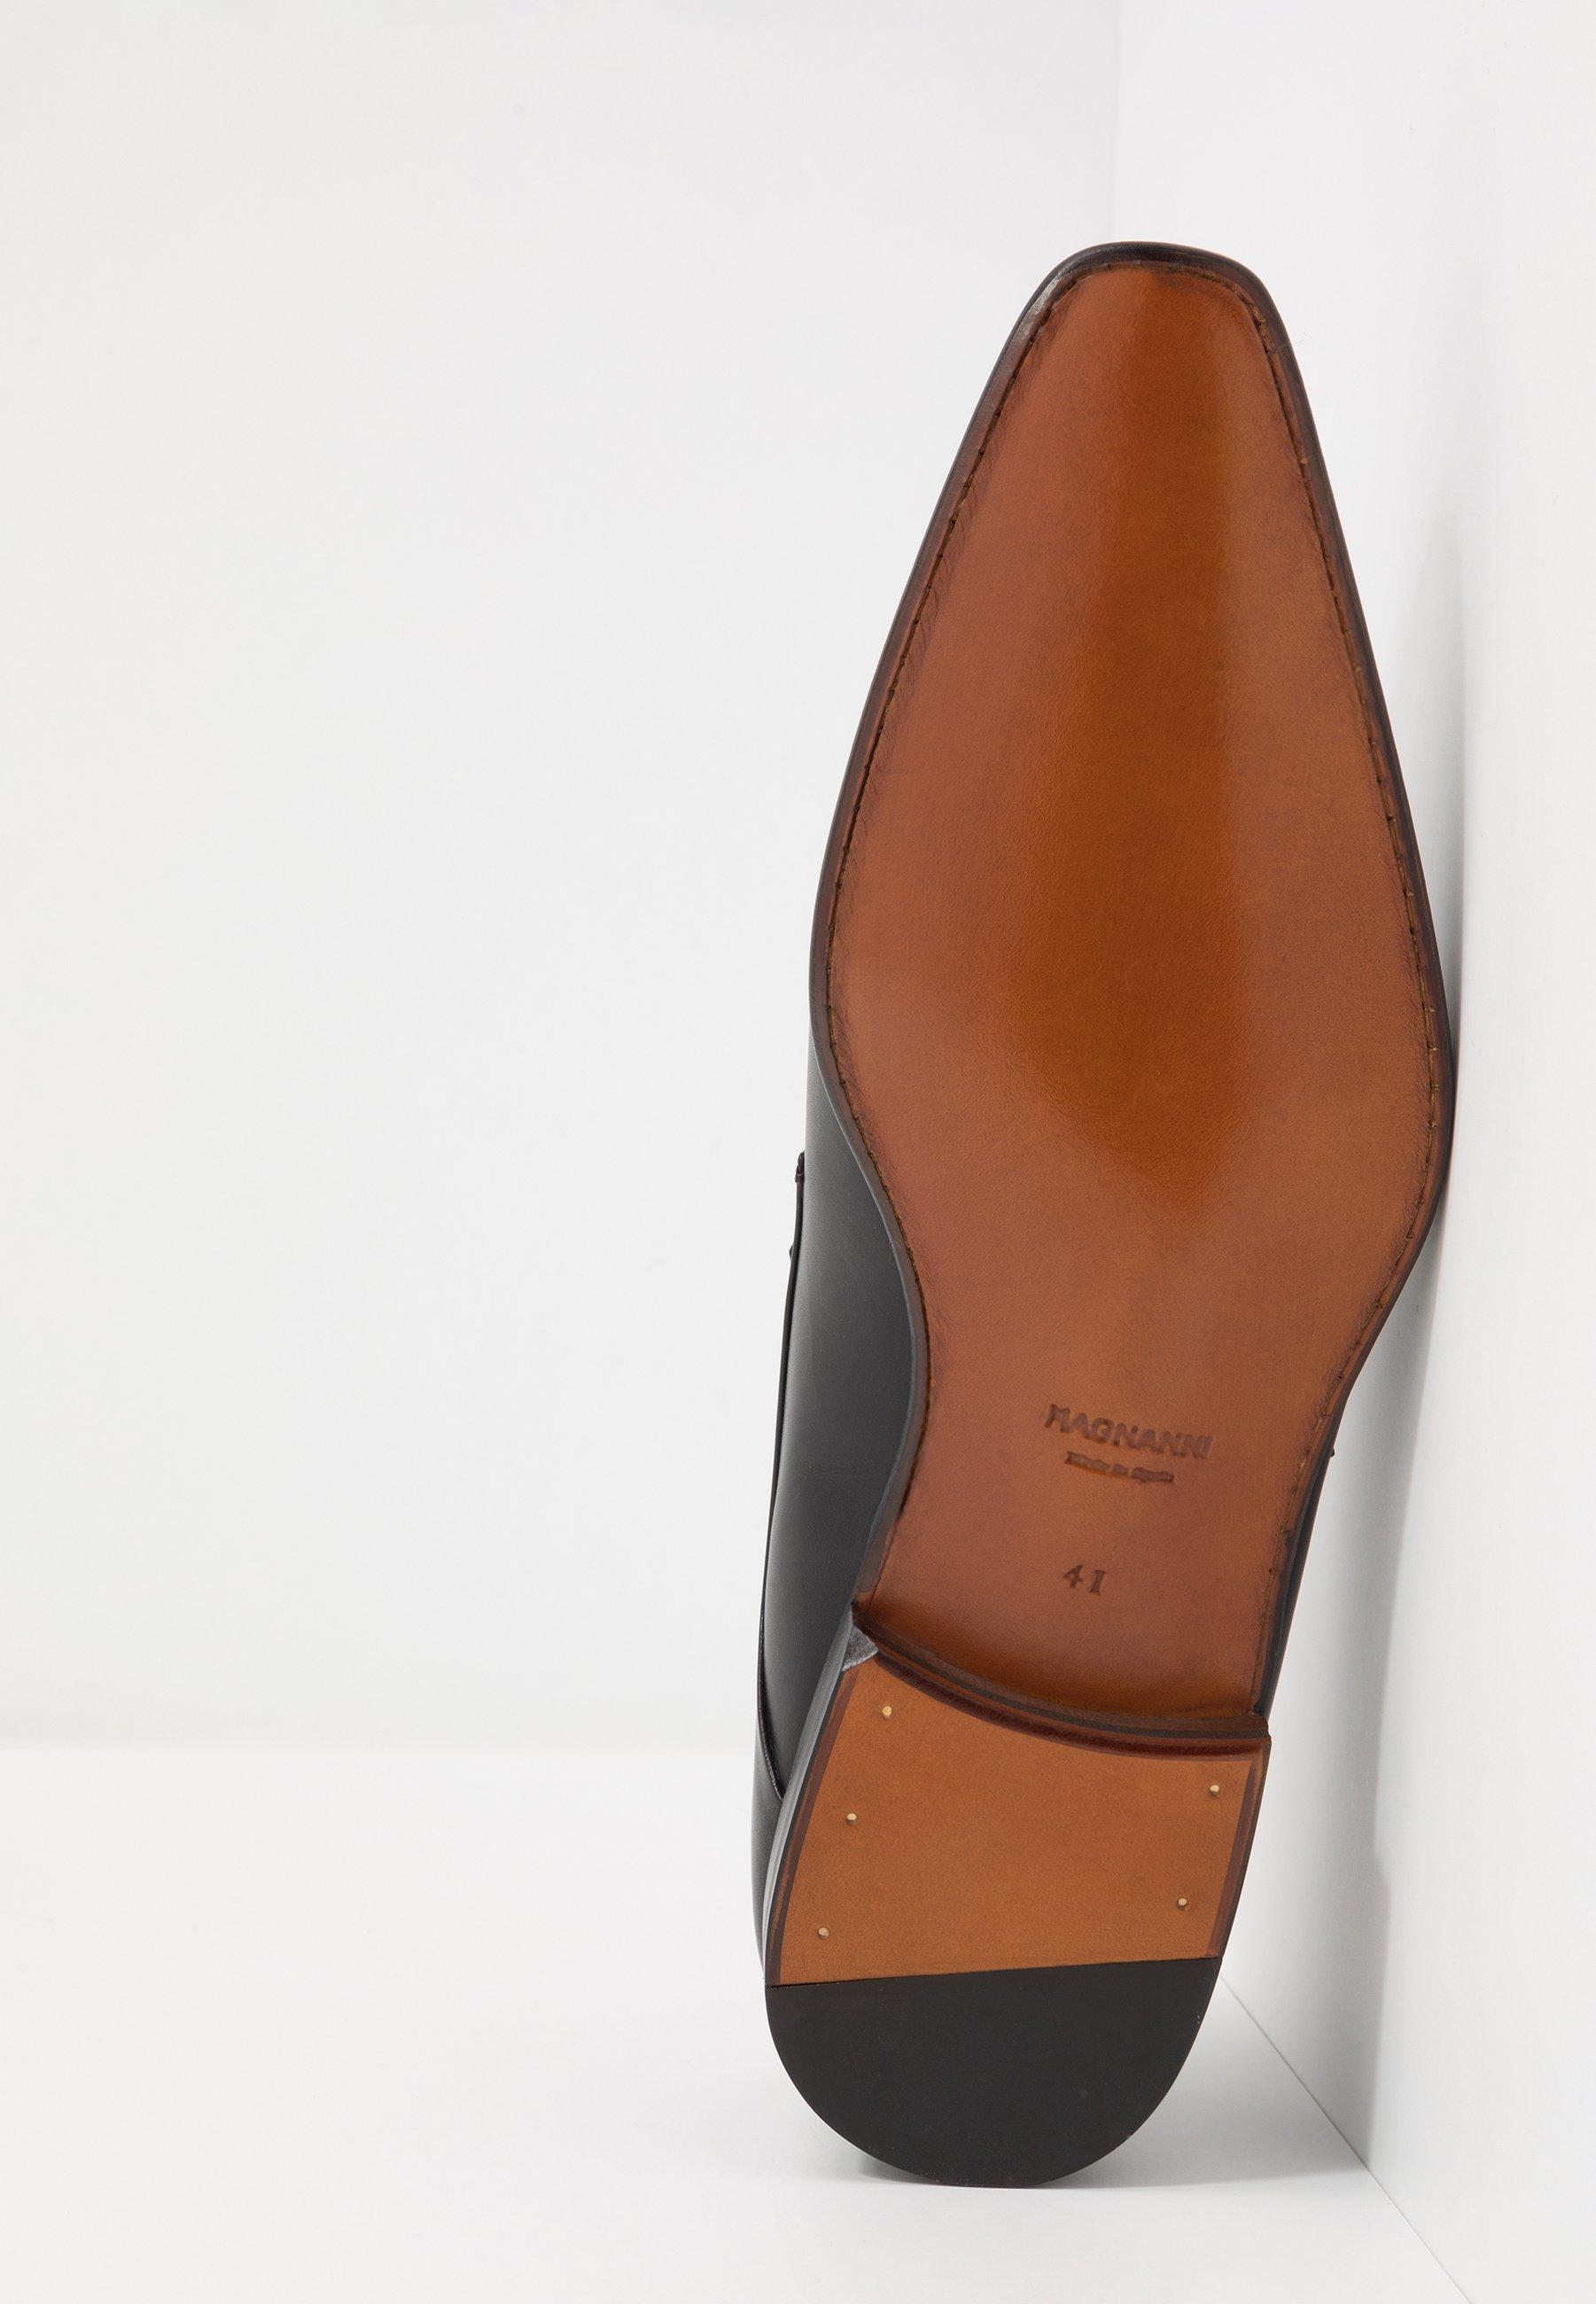 tanio Najtańsze Magnanni Eleganckie buty - black | Obuwie męskie 2020 EwGL9